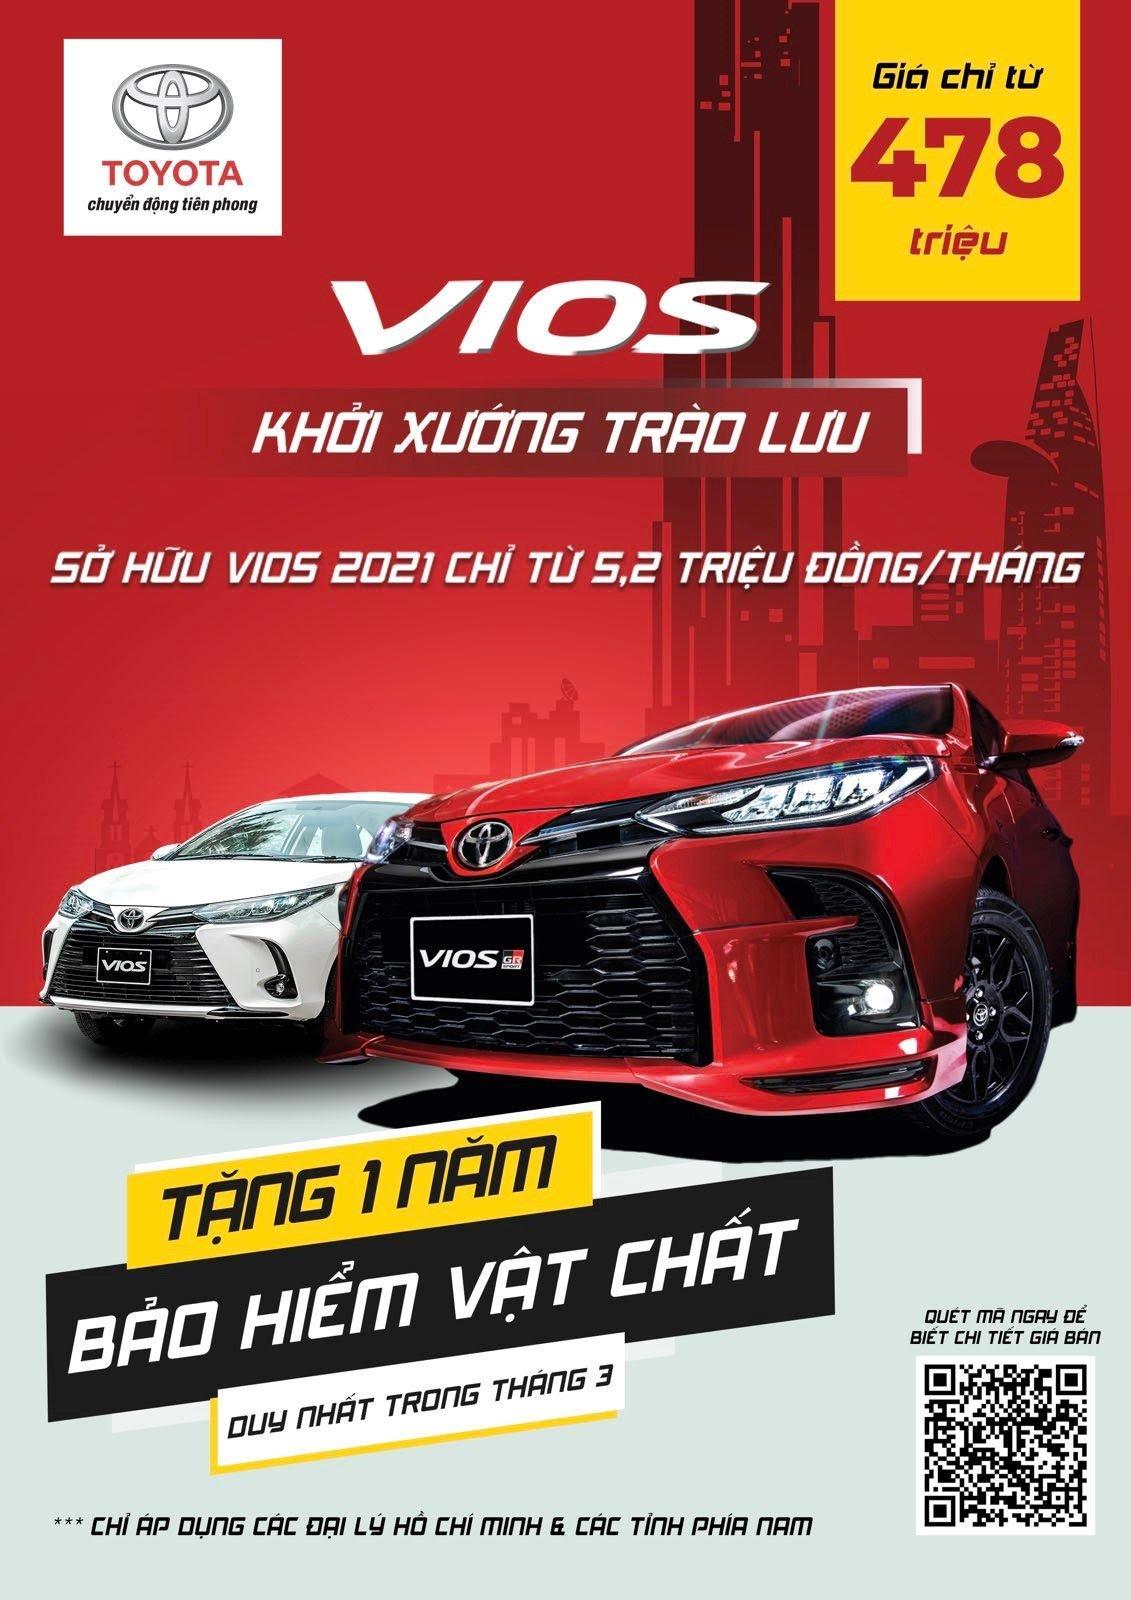 Mua xe Toyota Vios mới chỉ với 95 triệu trả trước 1.